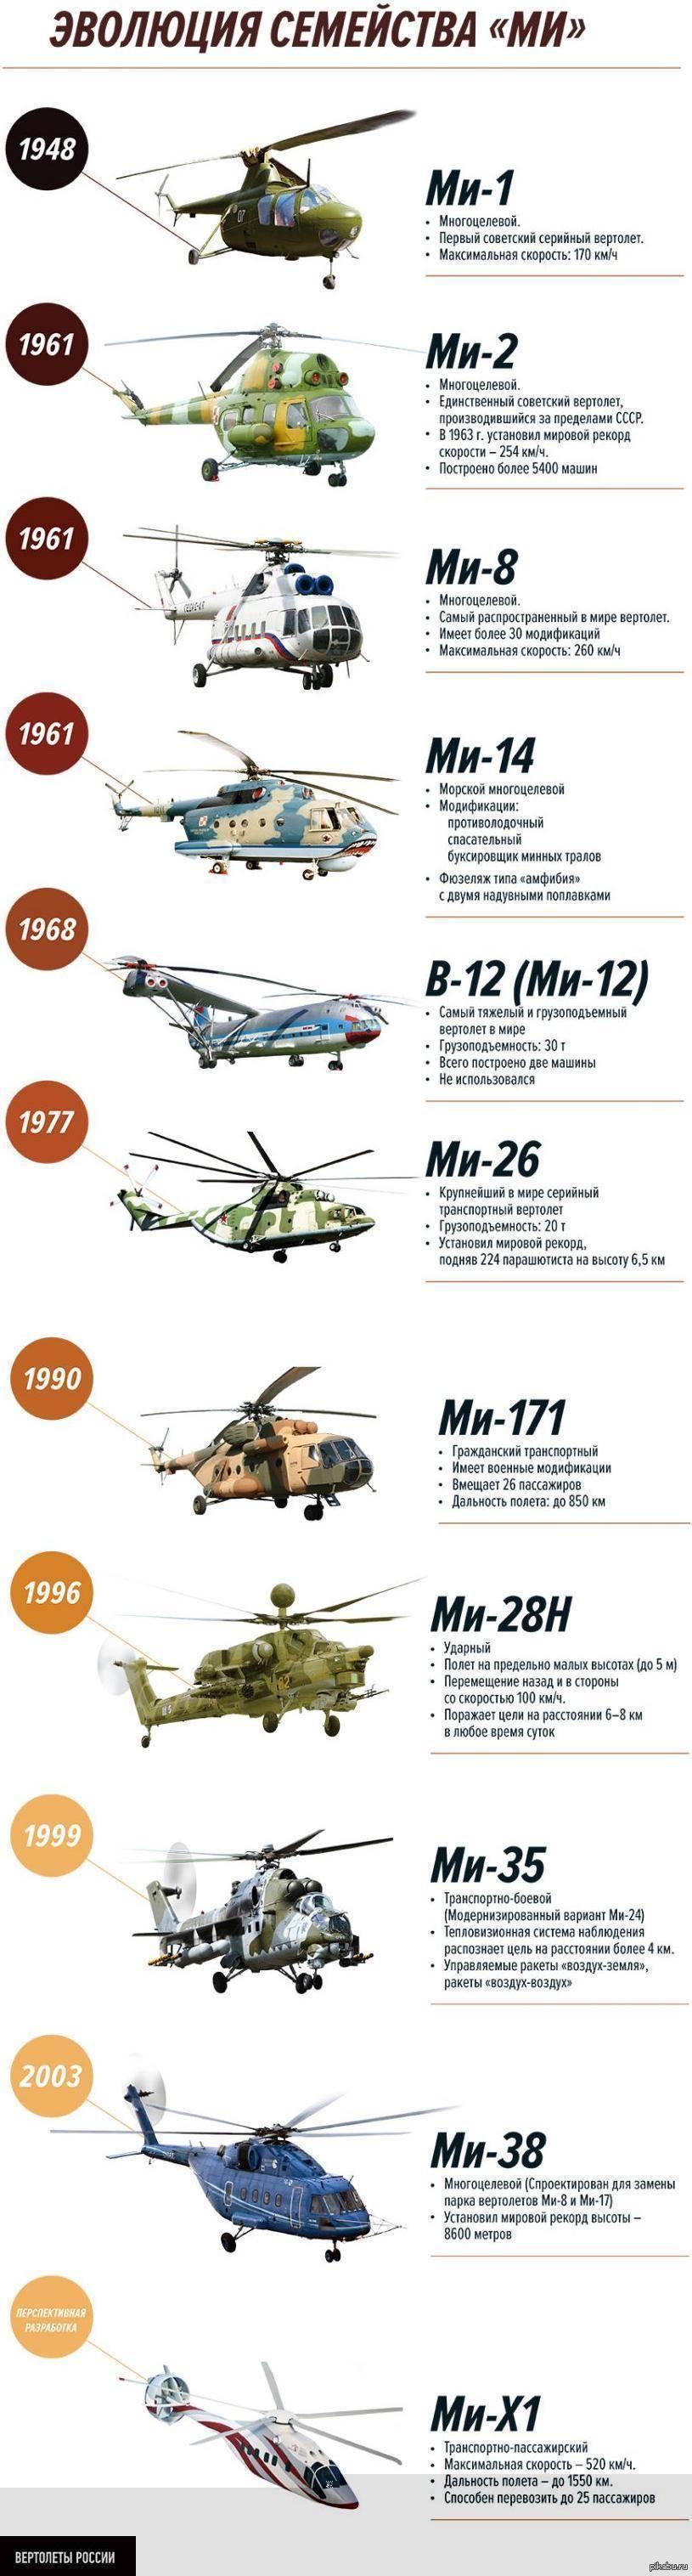 Вертолетный флот миля